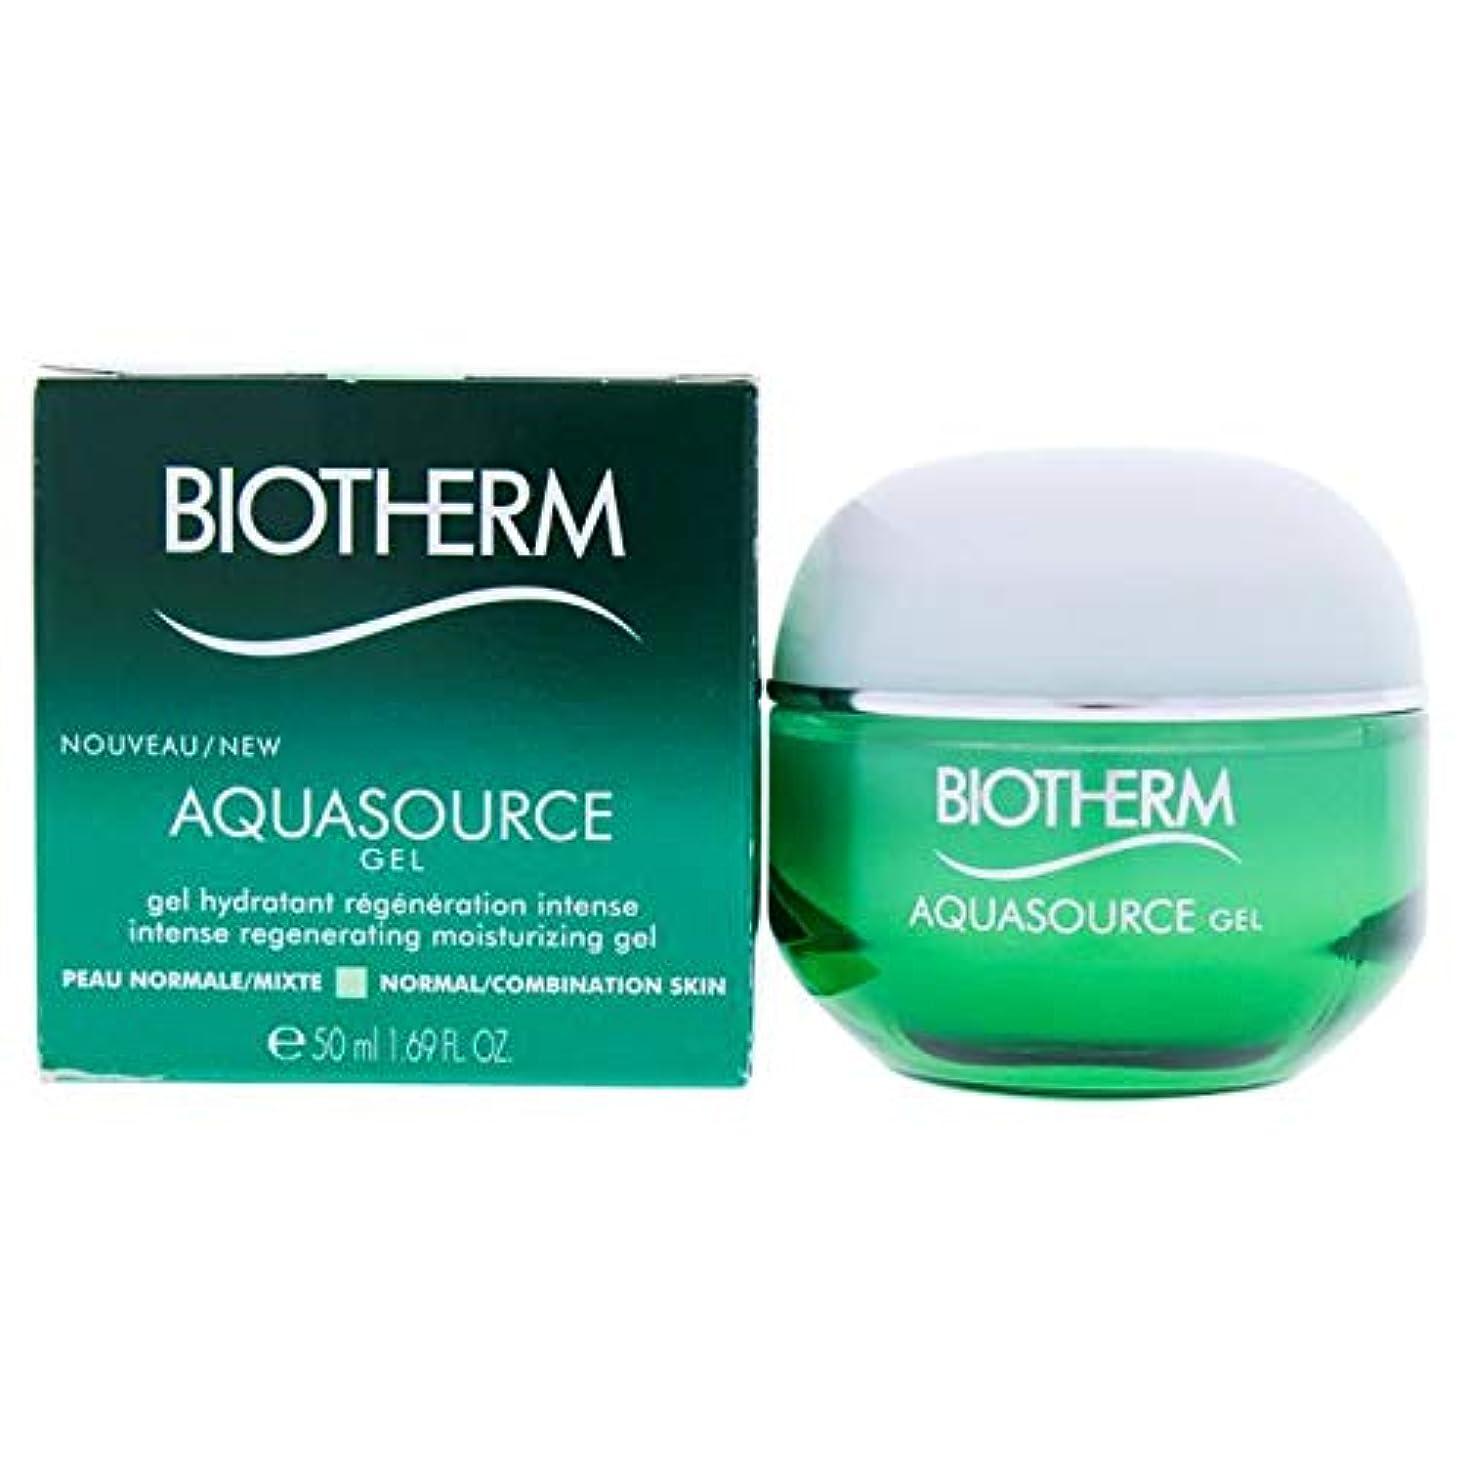 のホストそれにもかかわらずシネウィビオテルム Aquasource Gel Intense Regenerating Moisturizing Gel - For Normal/Combination Skin 50ml/1.69oz並行輸入品